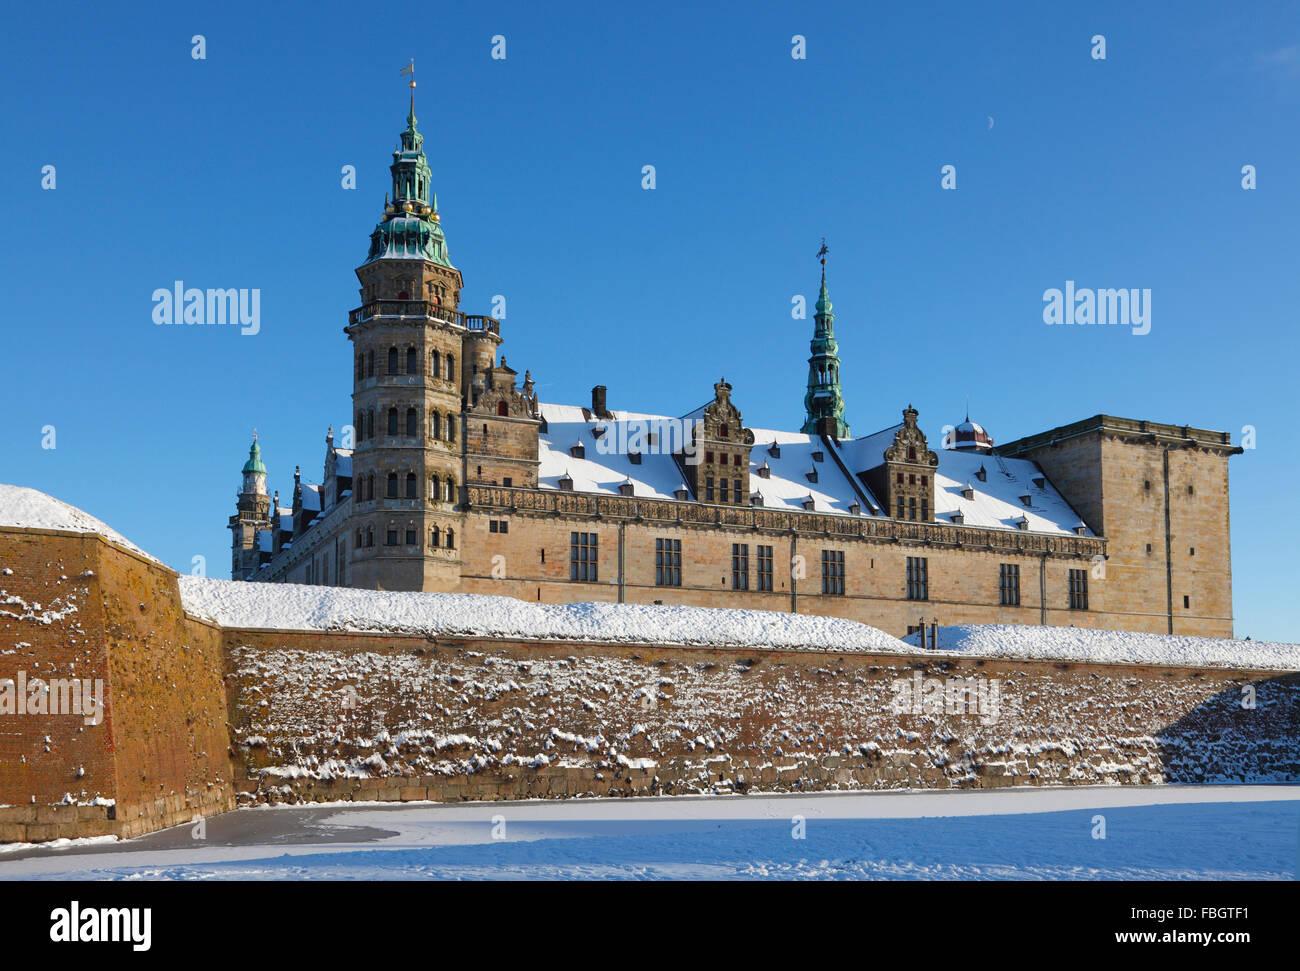 Las cubiertas de nieve, el castillo de Kronborg en Elsinor, Helsingør, en un soleado día de invierno, congelados, foso y un cielo azul. Foto de stock